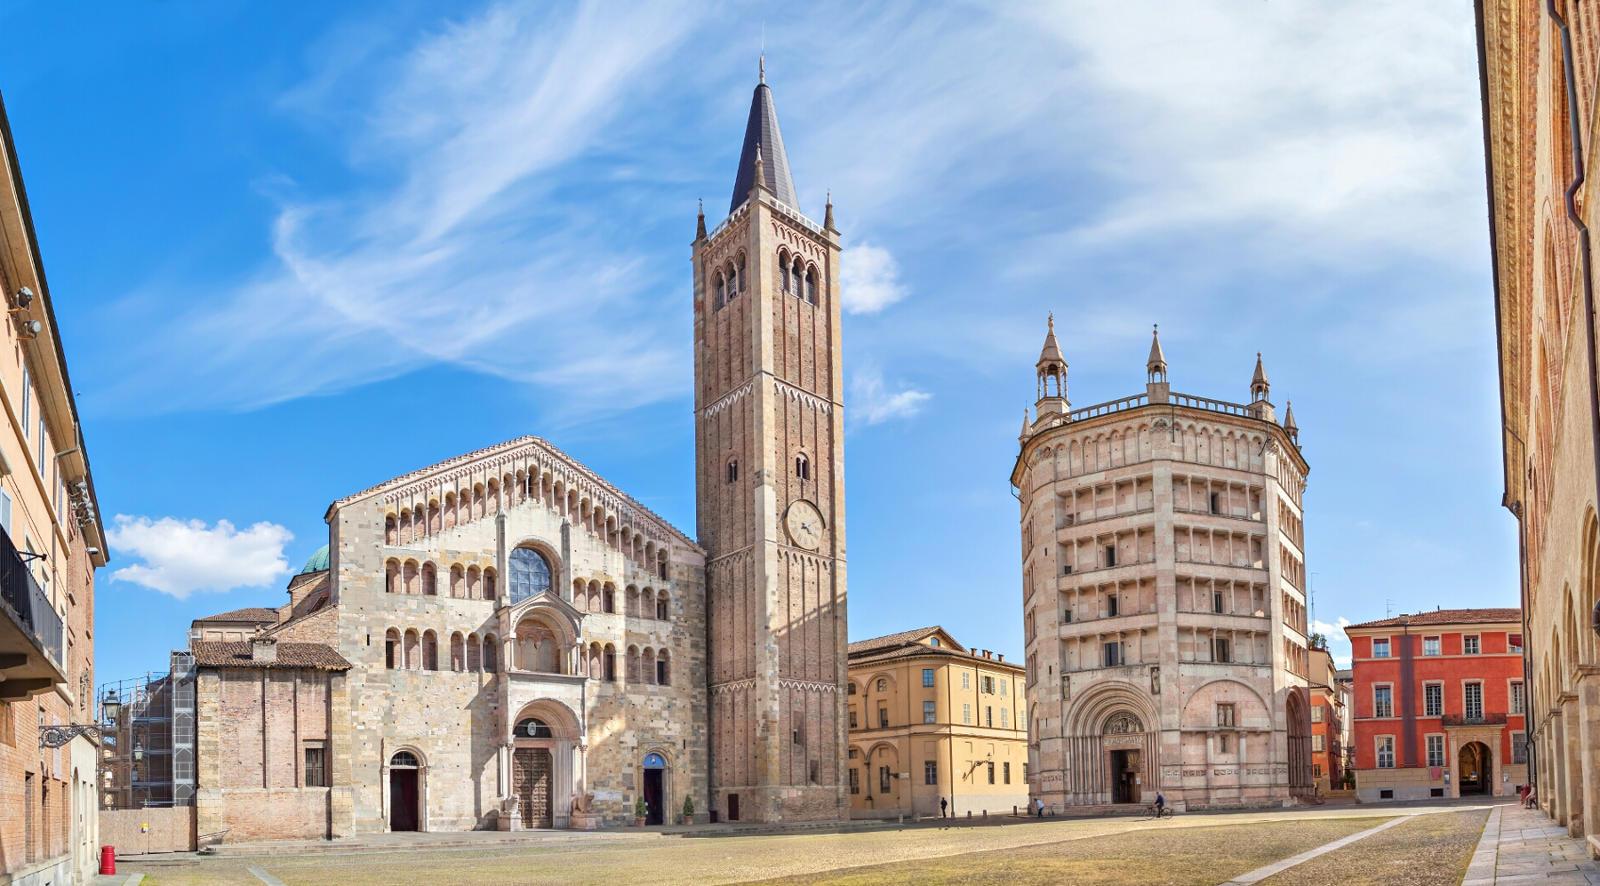 Valutazione Immobili Parma